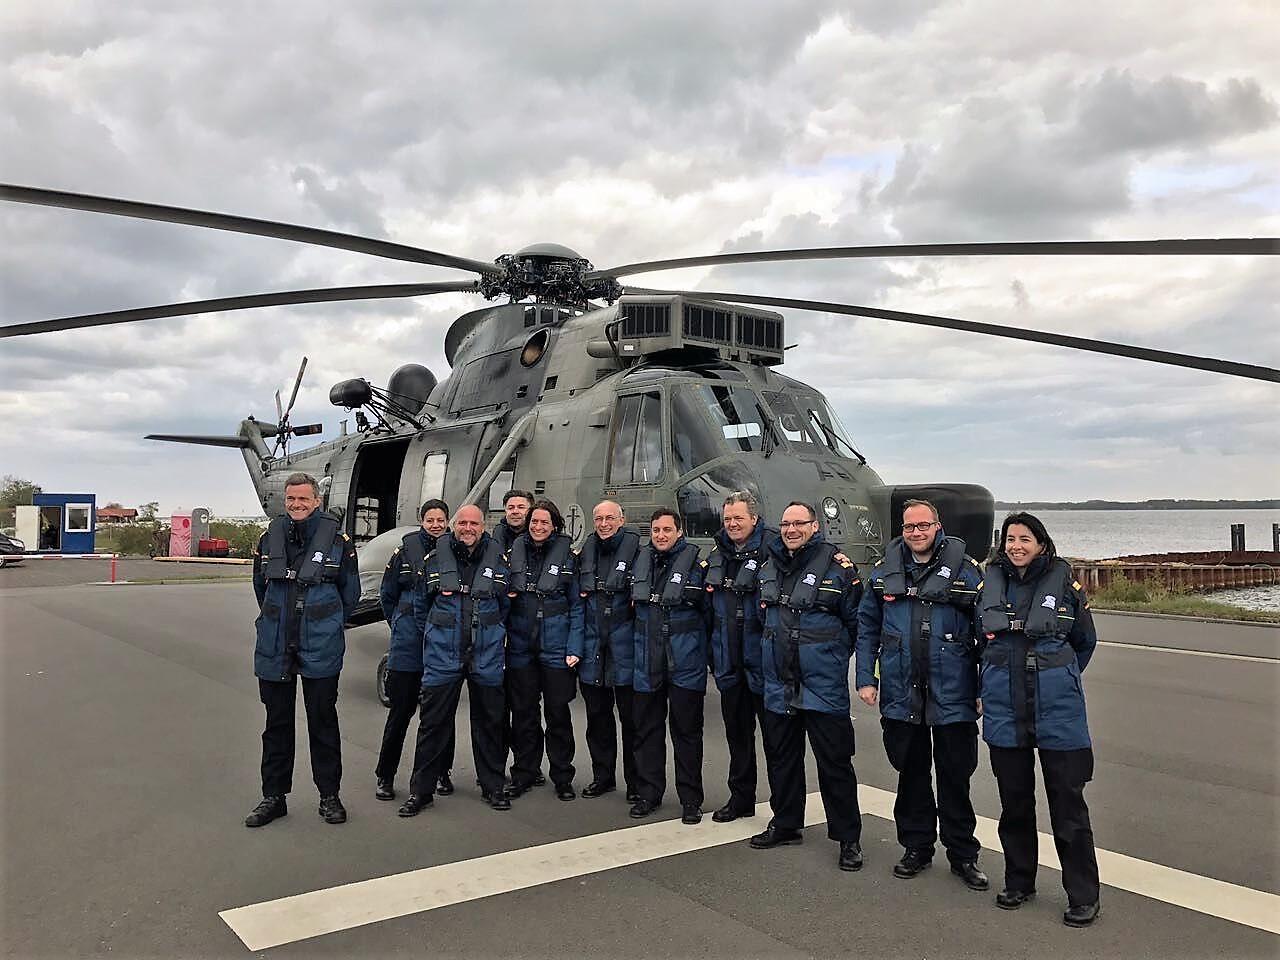 Crewmitglieder der 72. InfoDVag vor einem Sea King der Deutschen Marine.